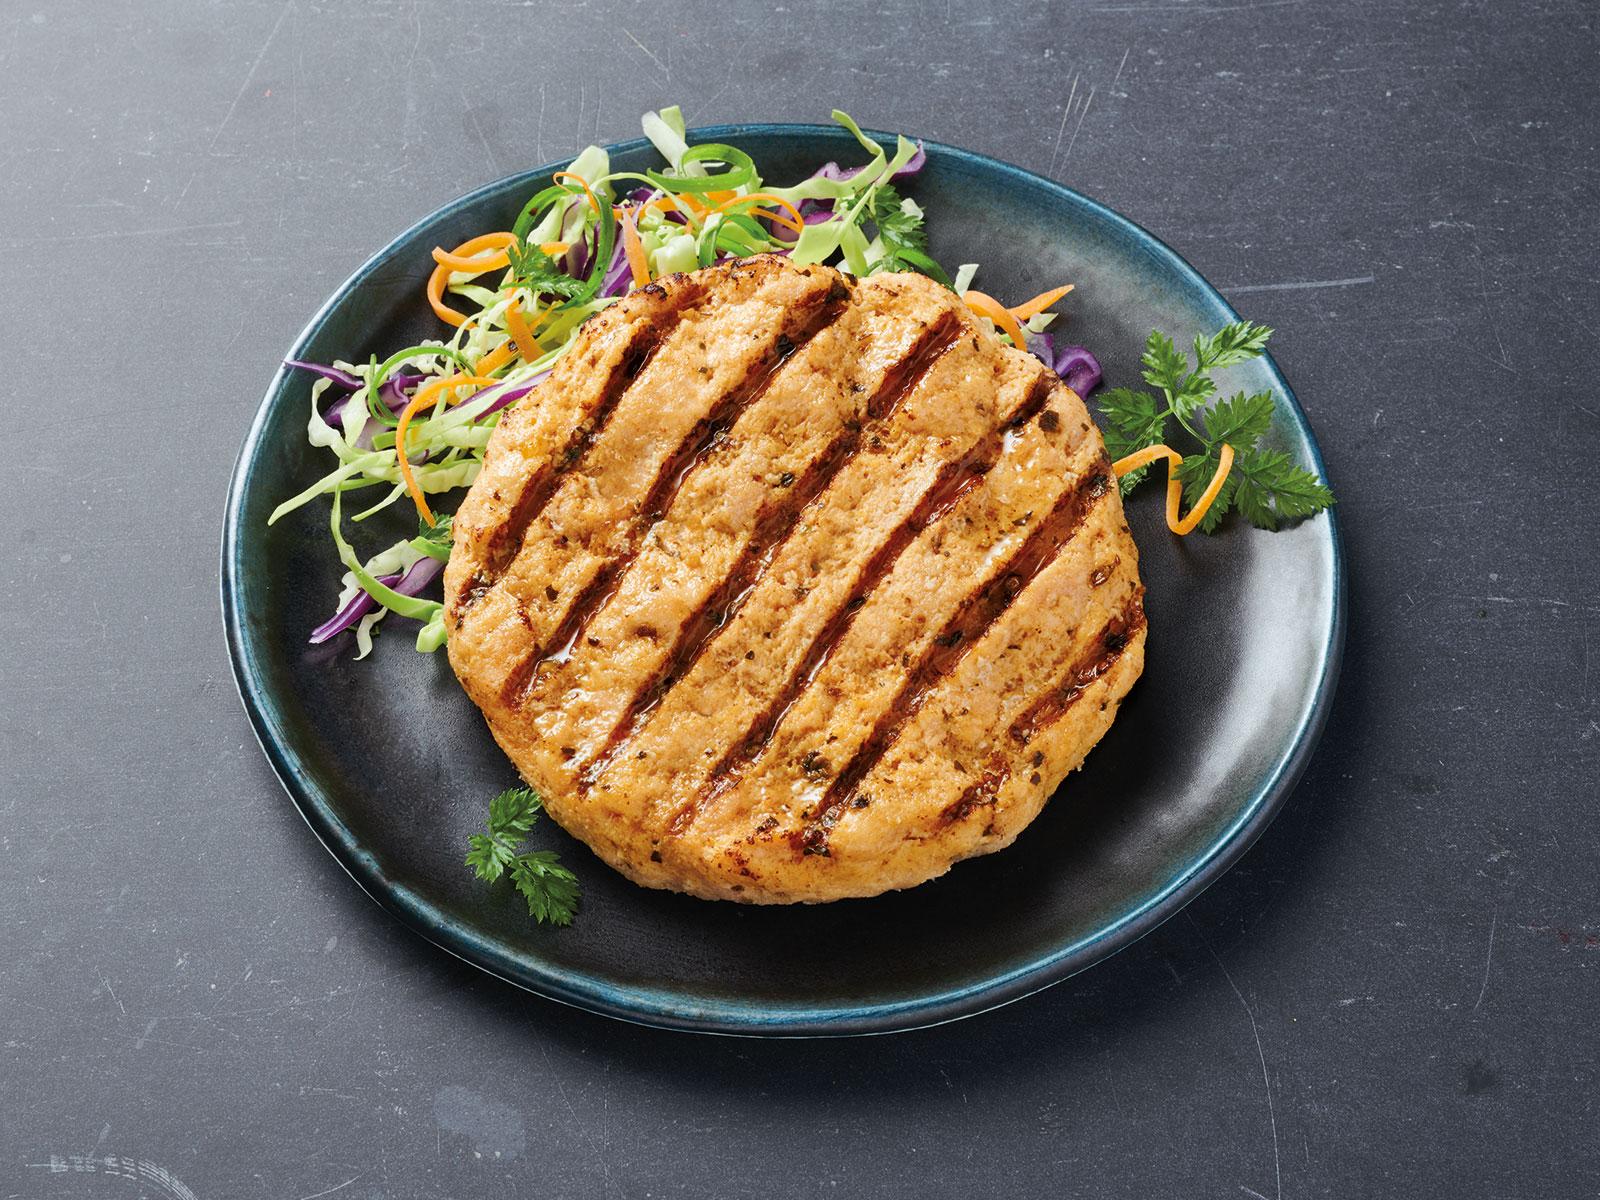 Redi Grilled™ Grill Marked Wild Alaska Salmon Burger 3.8 oz IQF 428920